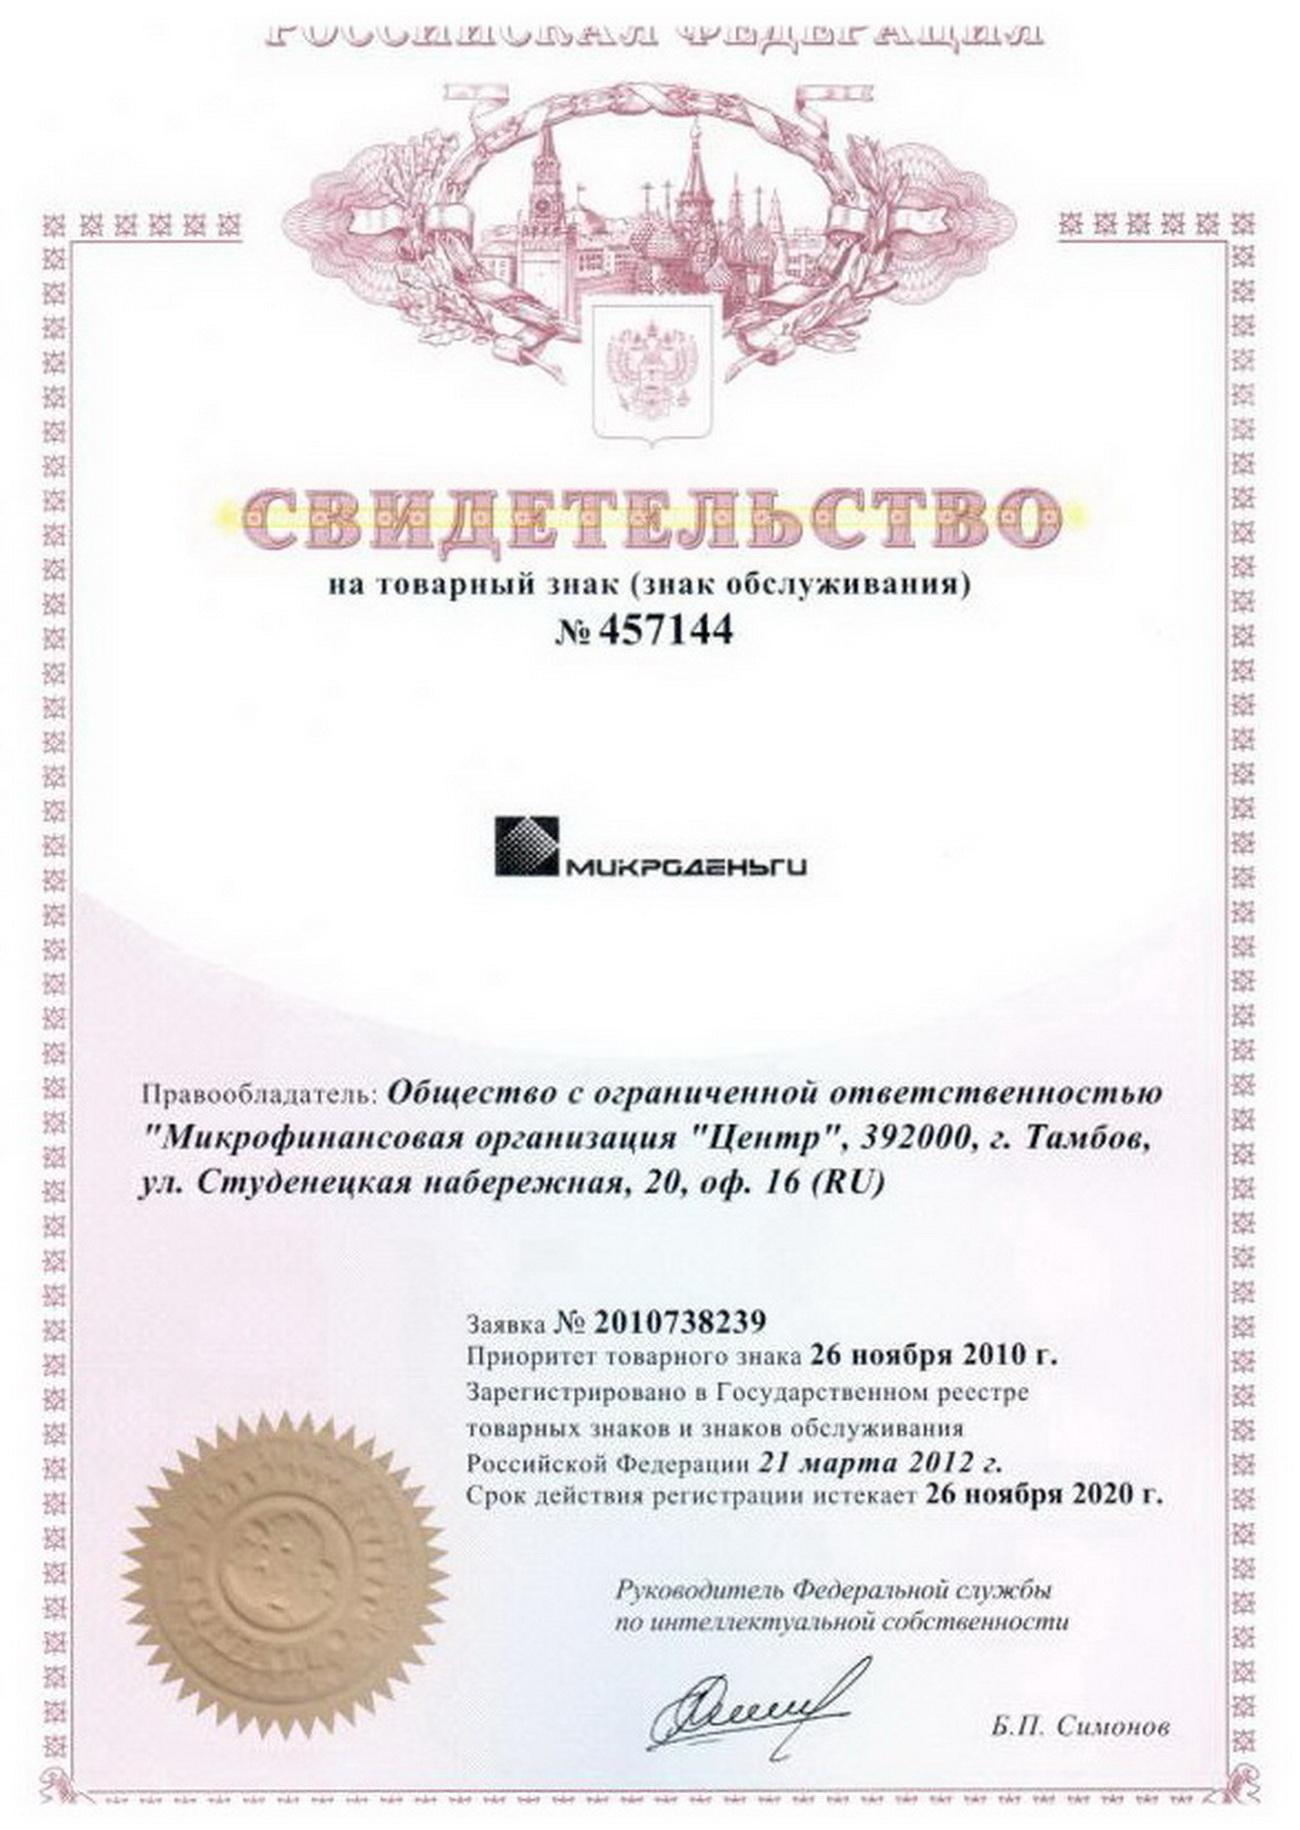 """Копия свидетельства на товарный знак """"Микроденьги"""""""